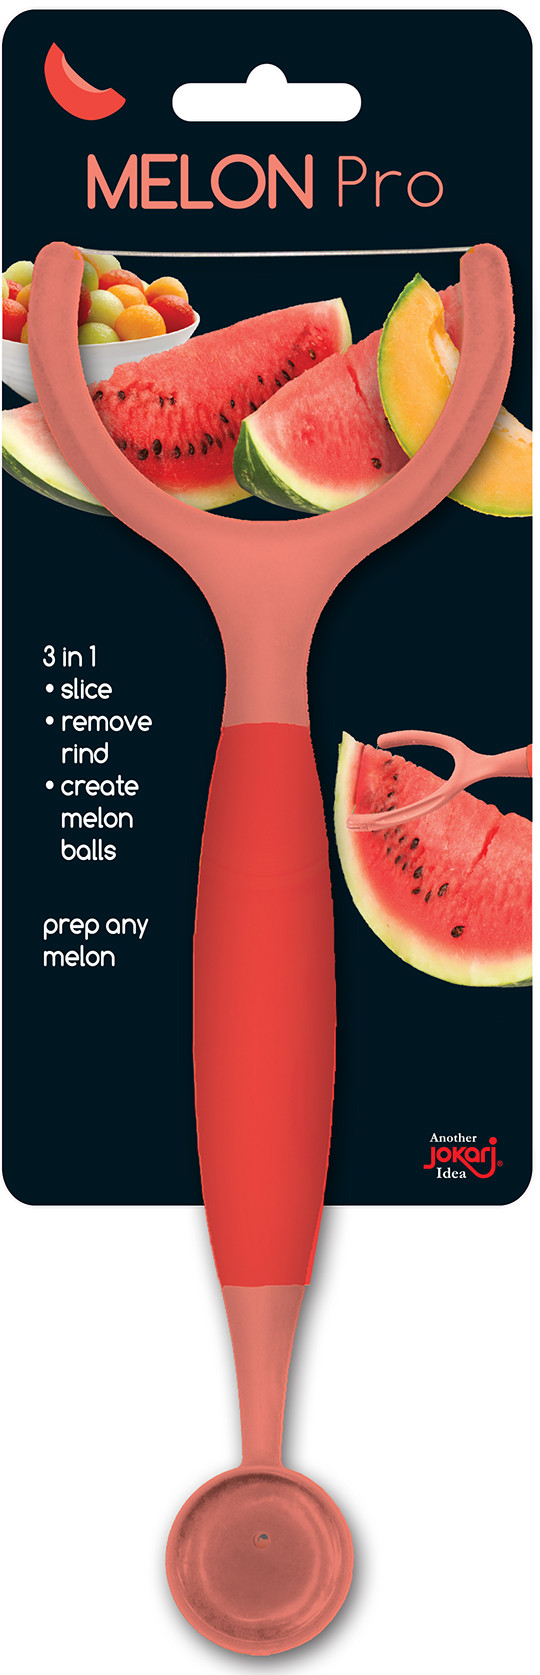 Jokari: Melon Pro